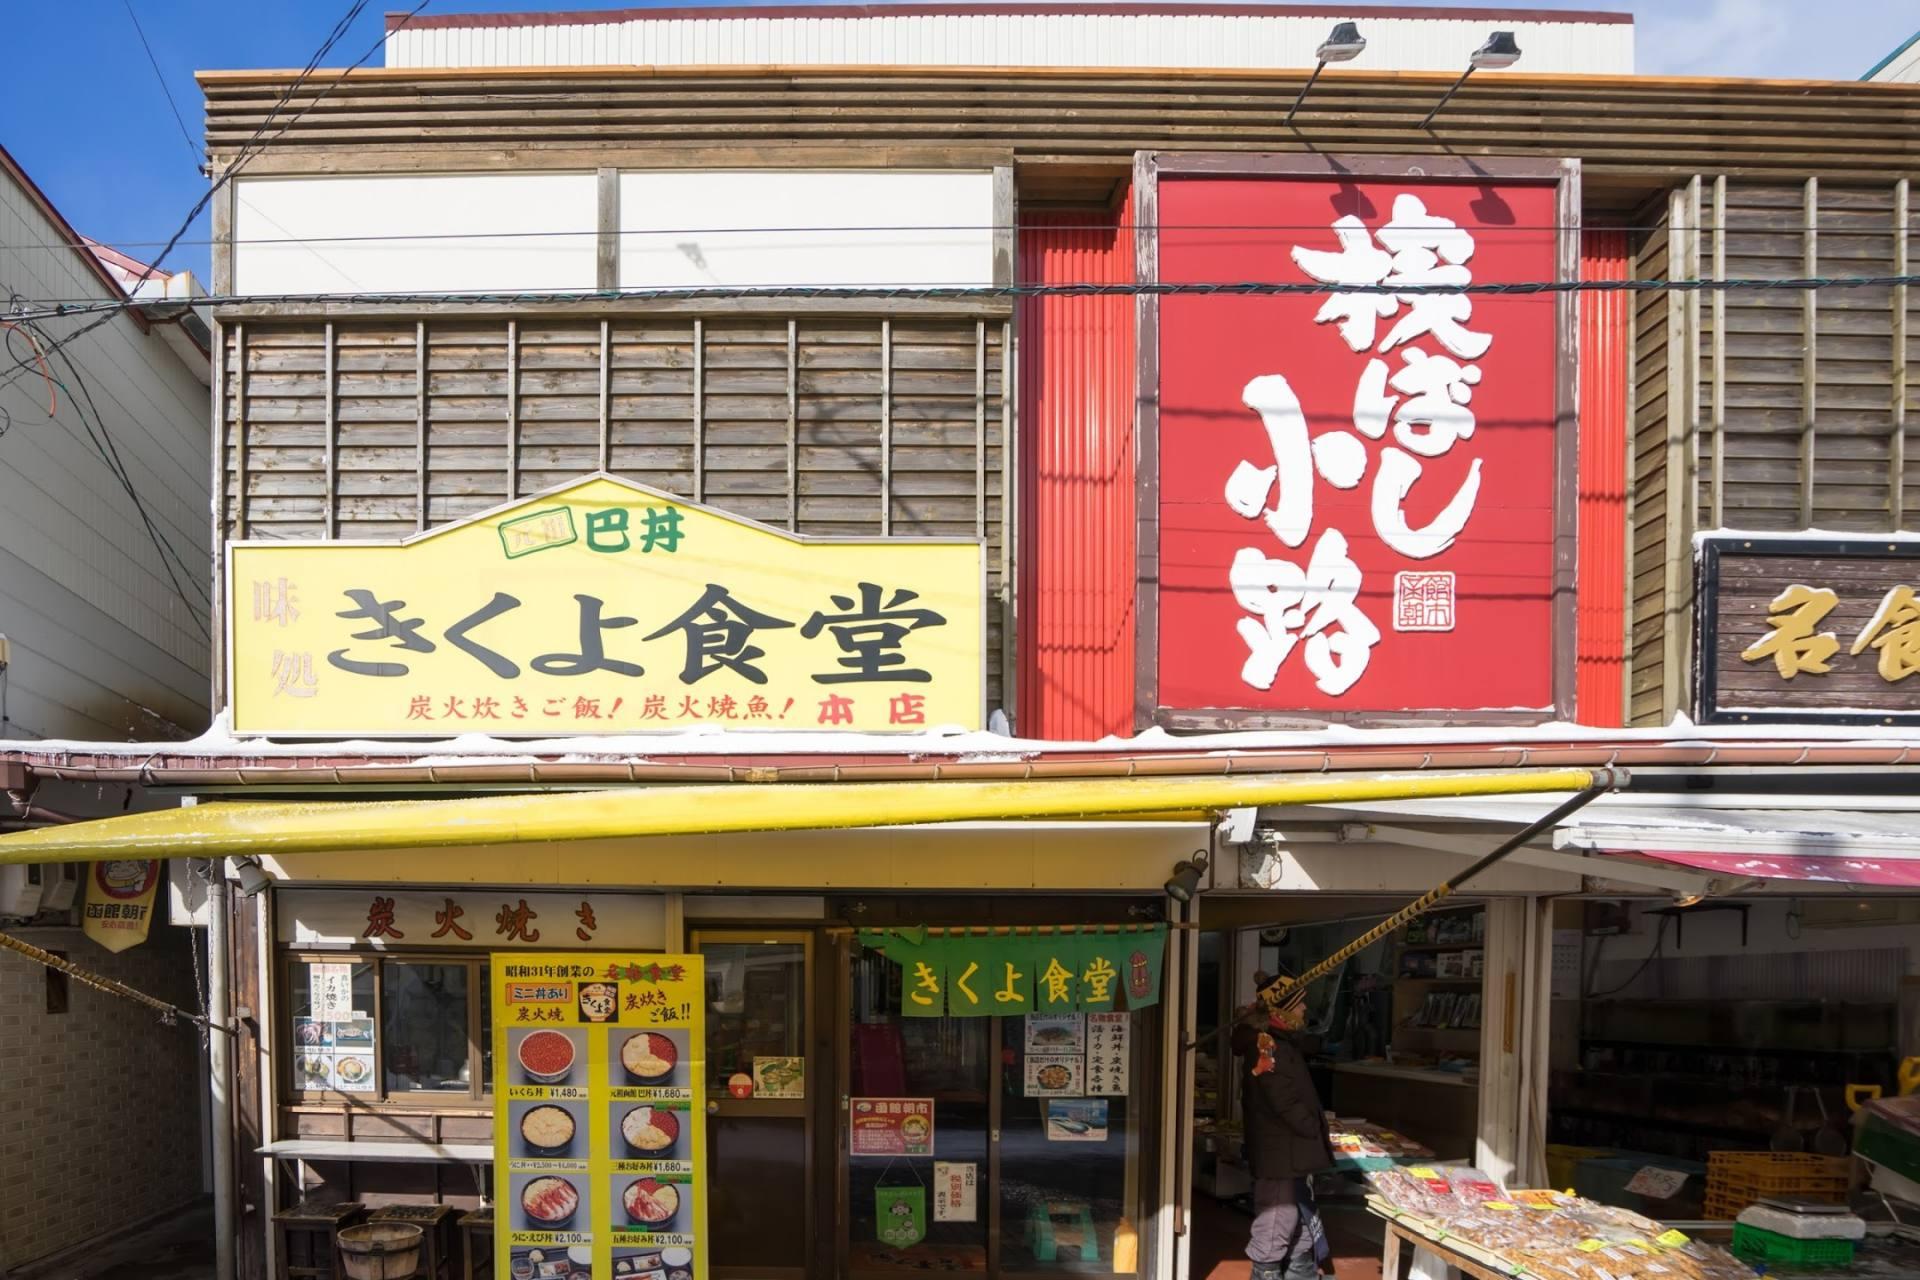 Kikuyo食堂外观